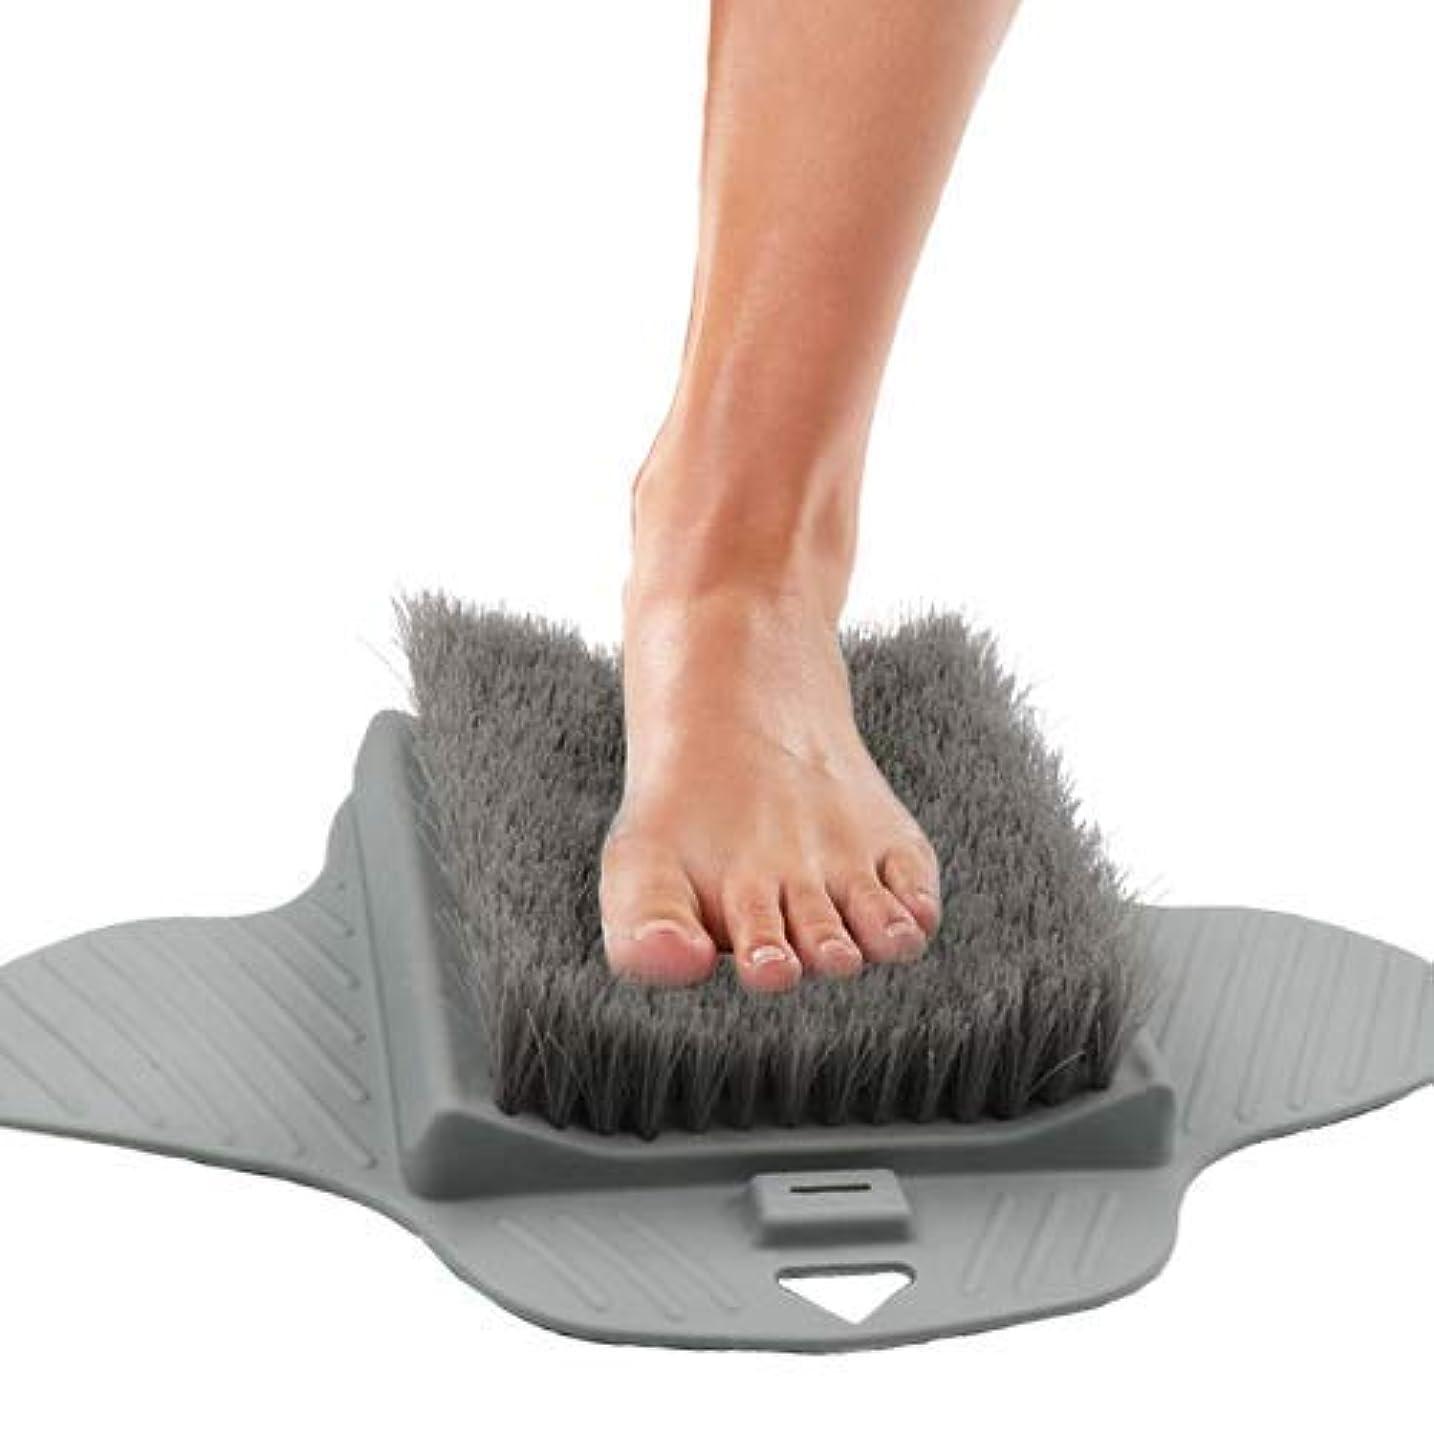 下着信じられない発行するJhua 足の裏とカルスを掃除するためのシャワーフットスクラバーバスタブフロアブラシ-滑り止め吸引カップ、指圧マッサージマットフットクリーナー